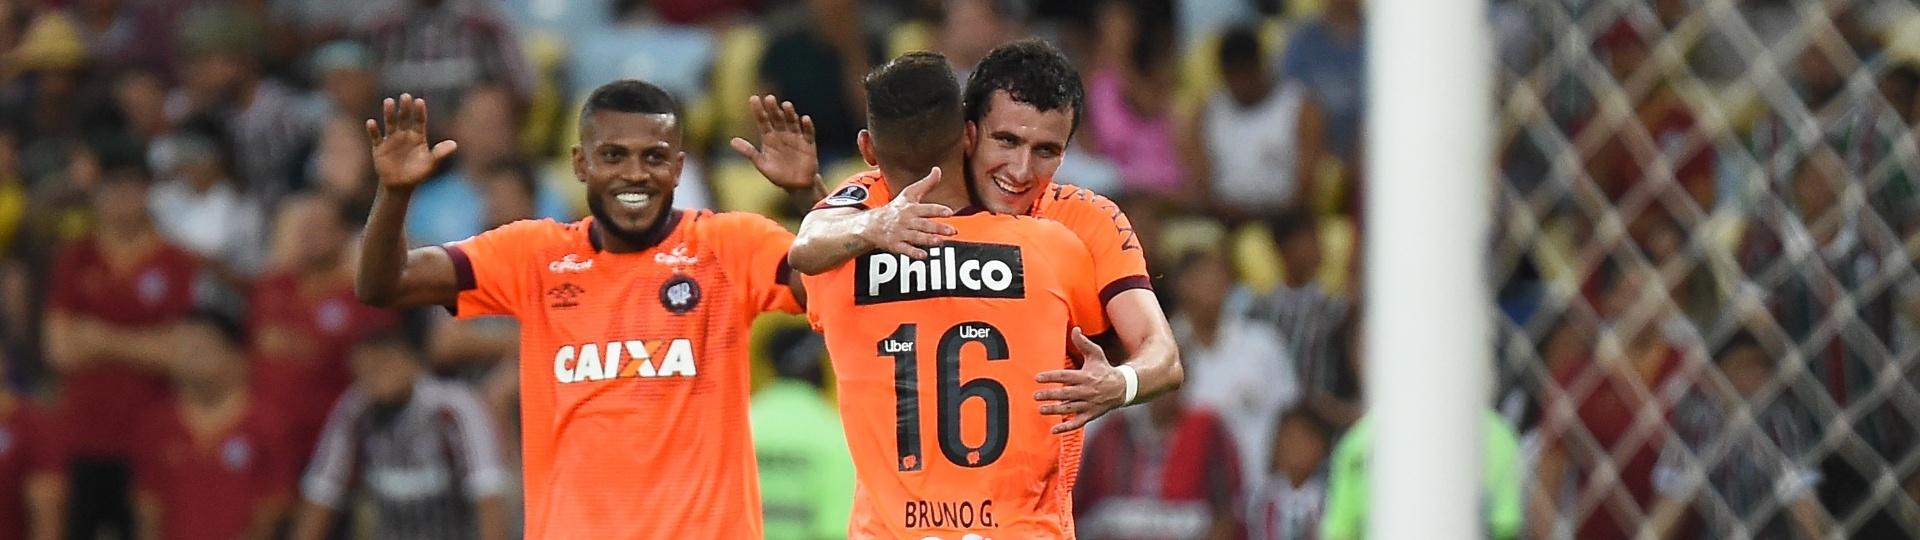 Jogadores do Atlético-PR comemoram gol de Bruno Guimarães